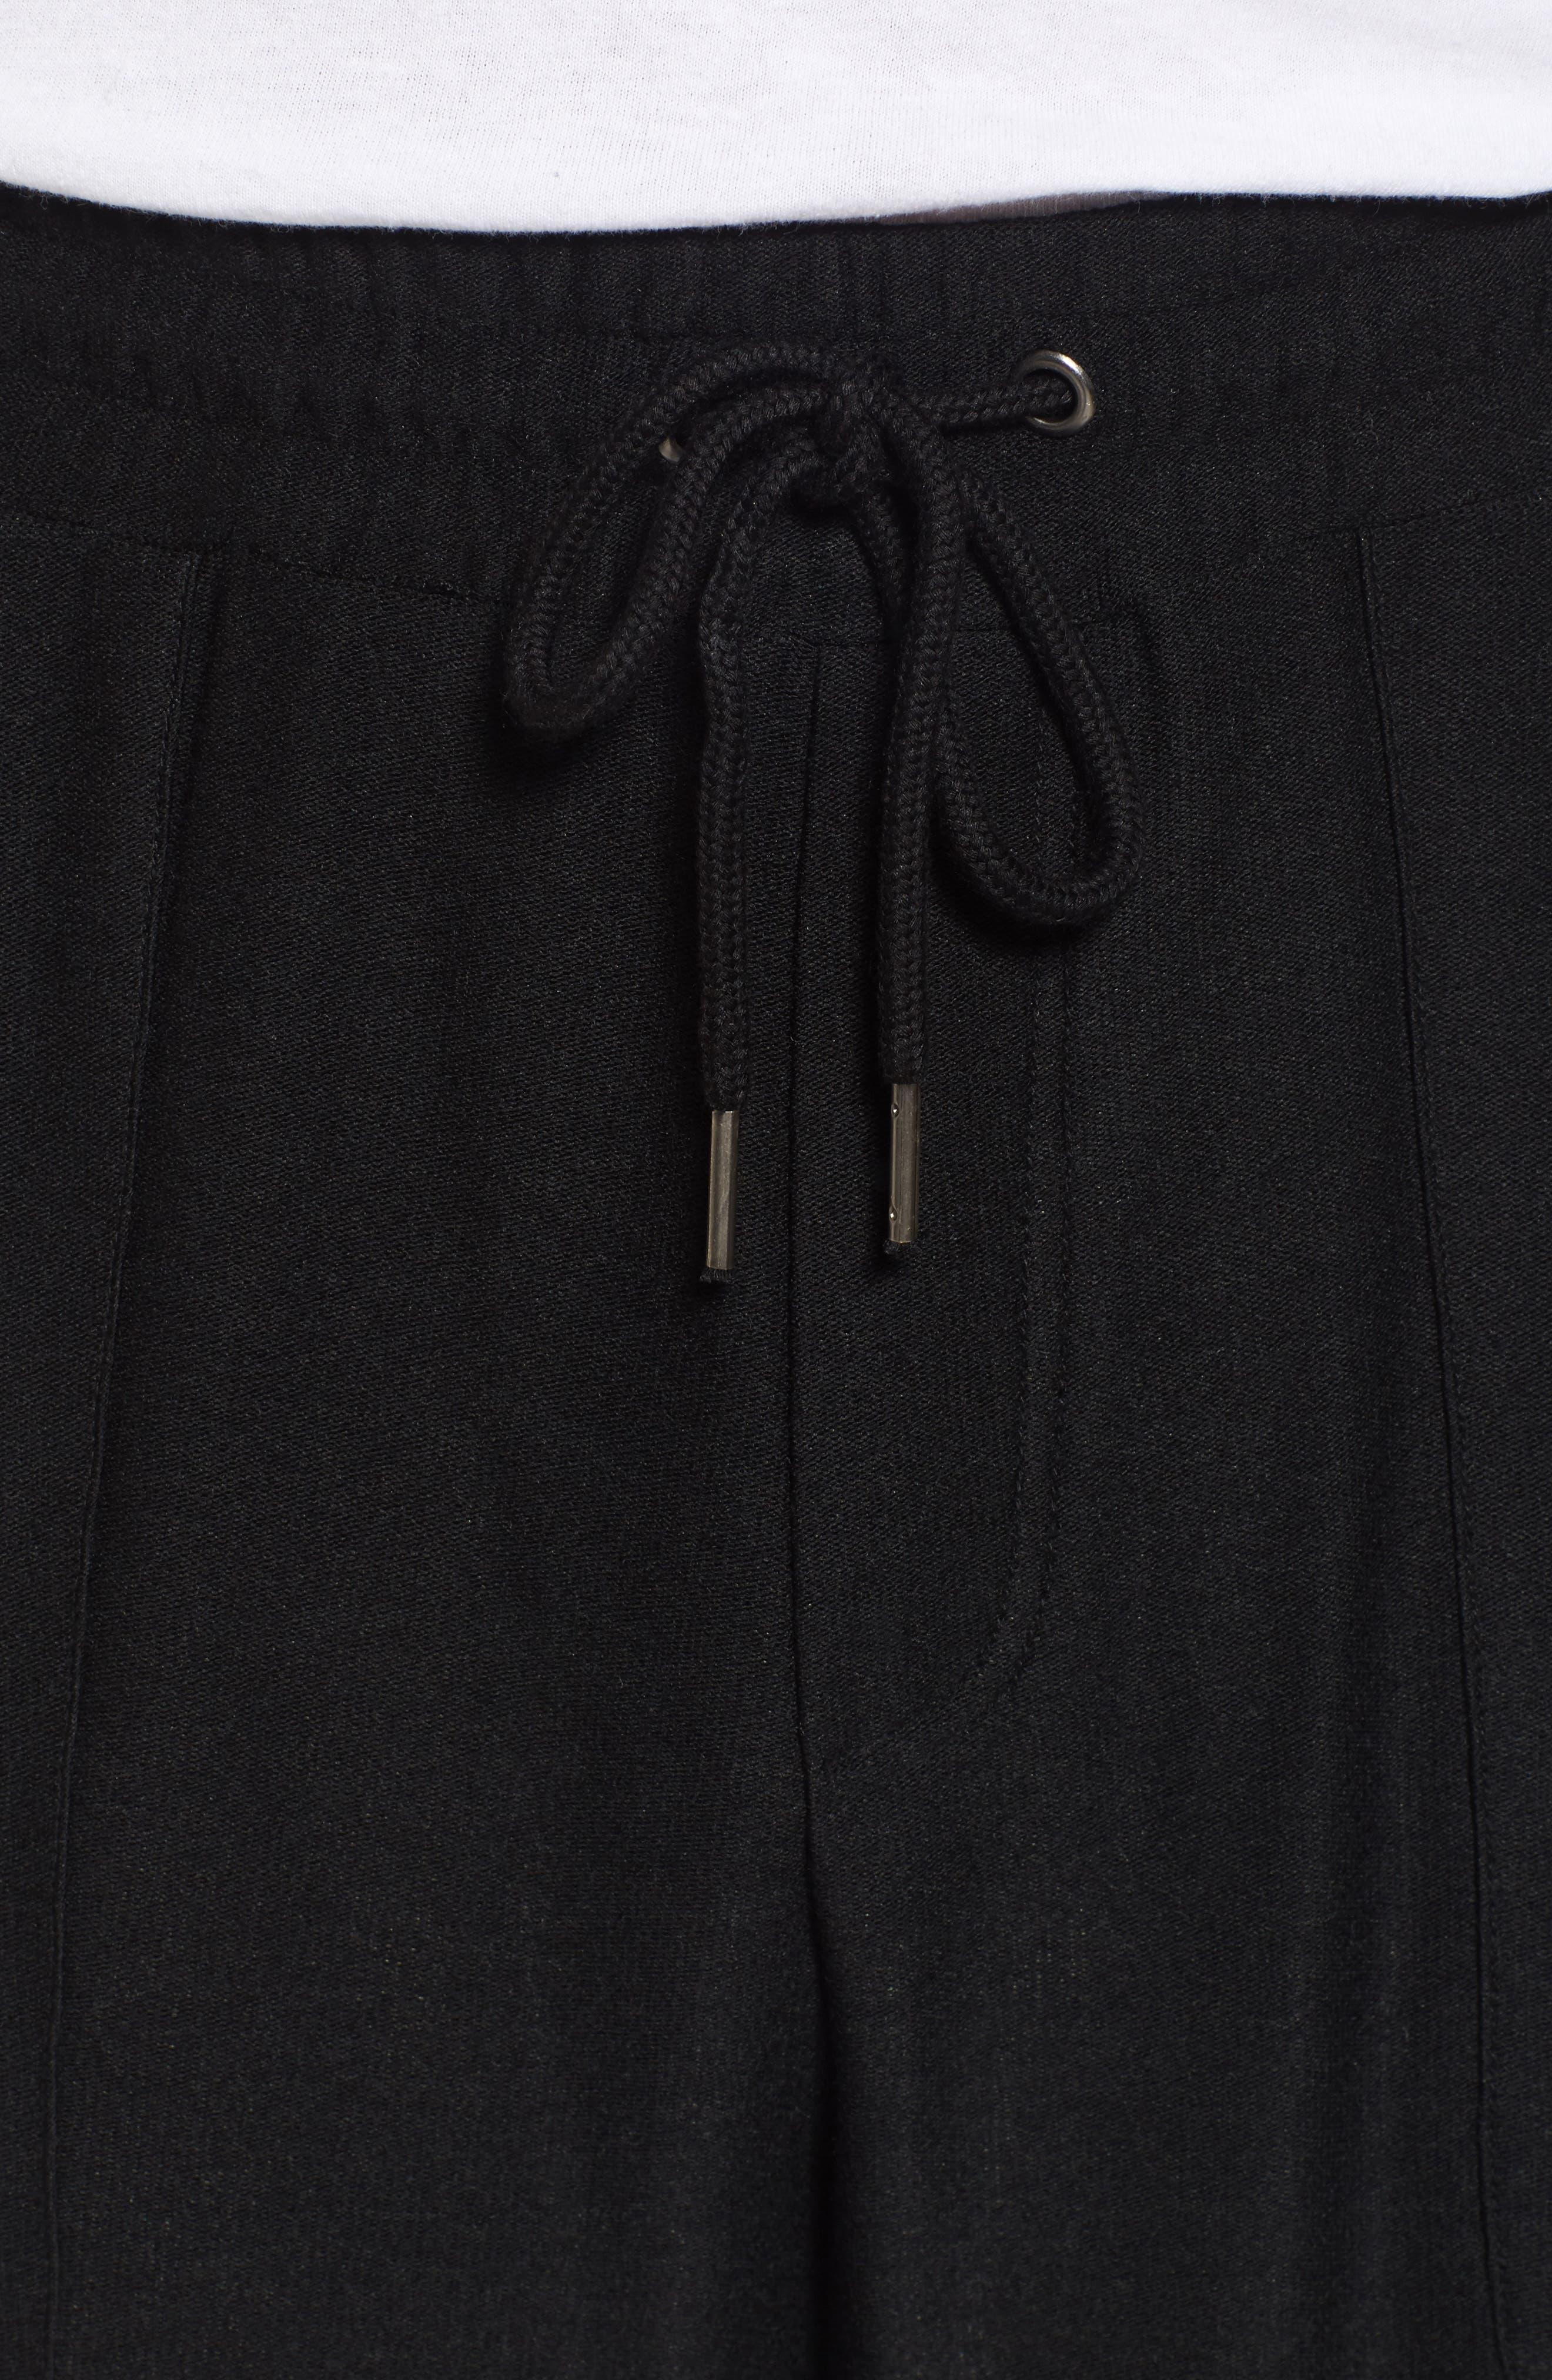 Ultra Soft Jogger Pants,                             Alternate thumbnail 4, color,                             BLACK